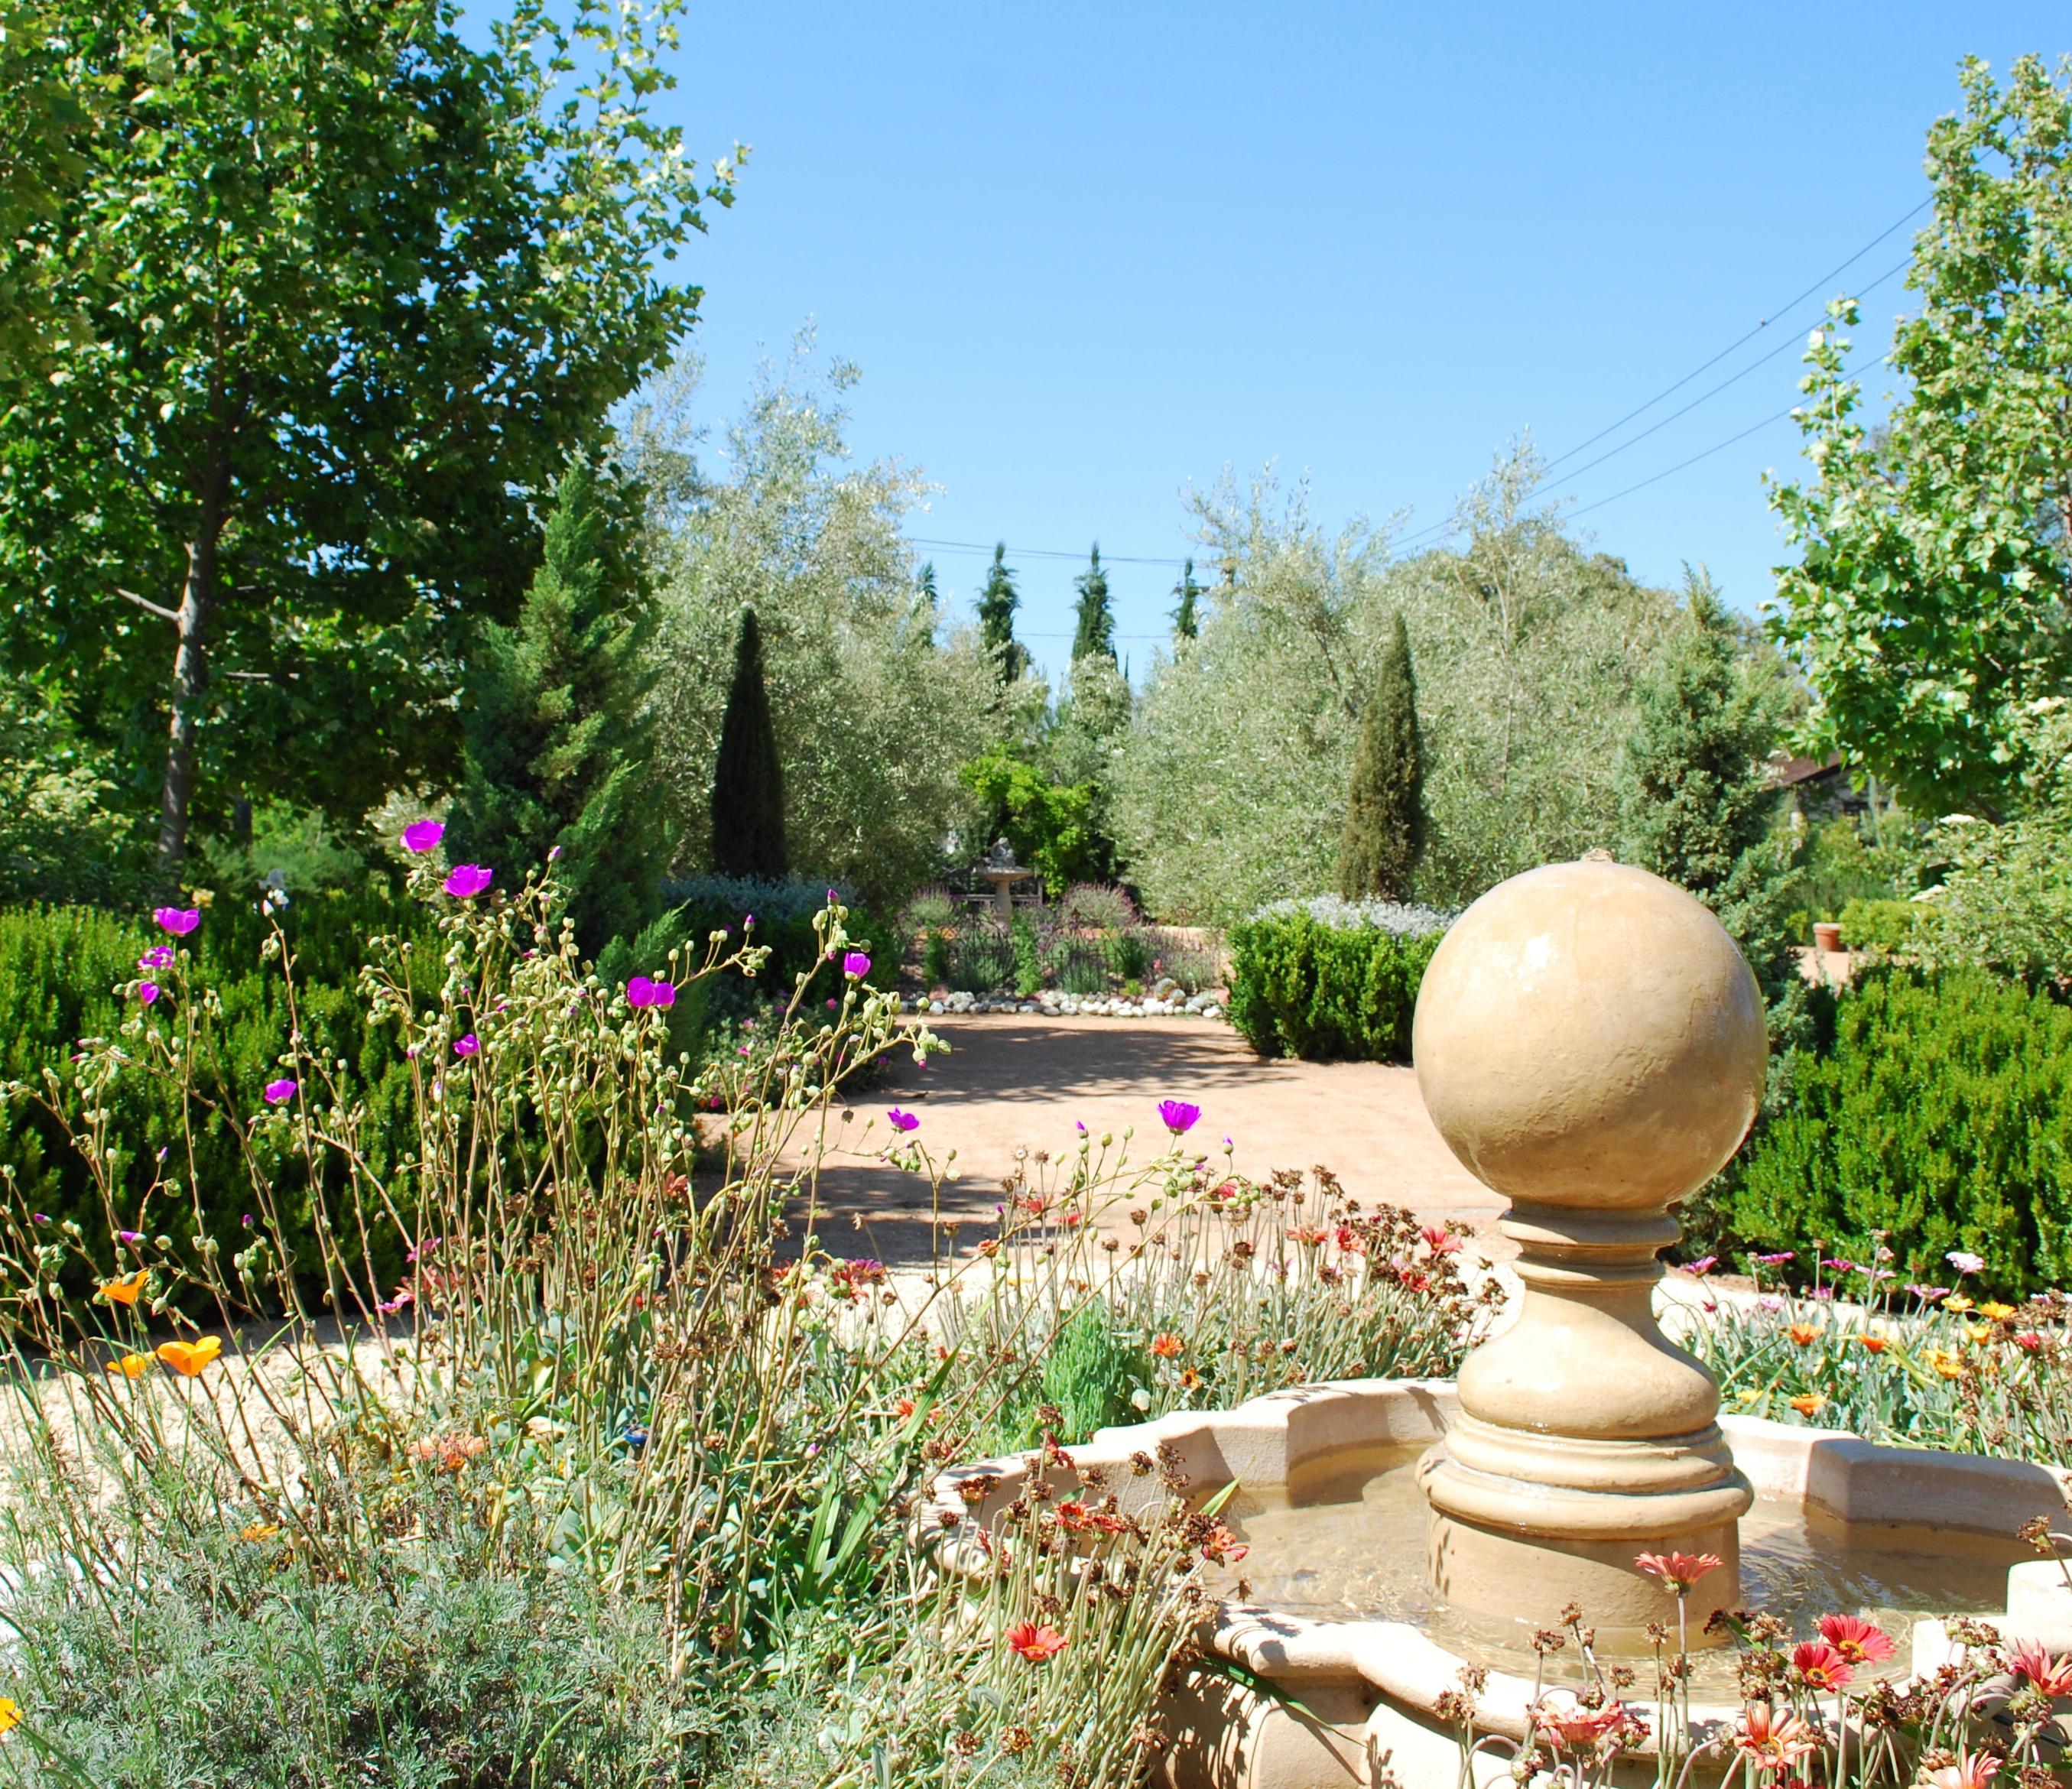 Arlington Garden An Oasis In The Middle Of Pasadena